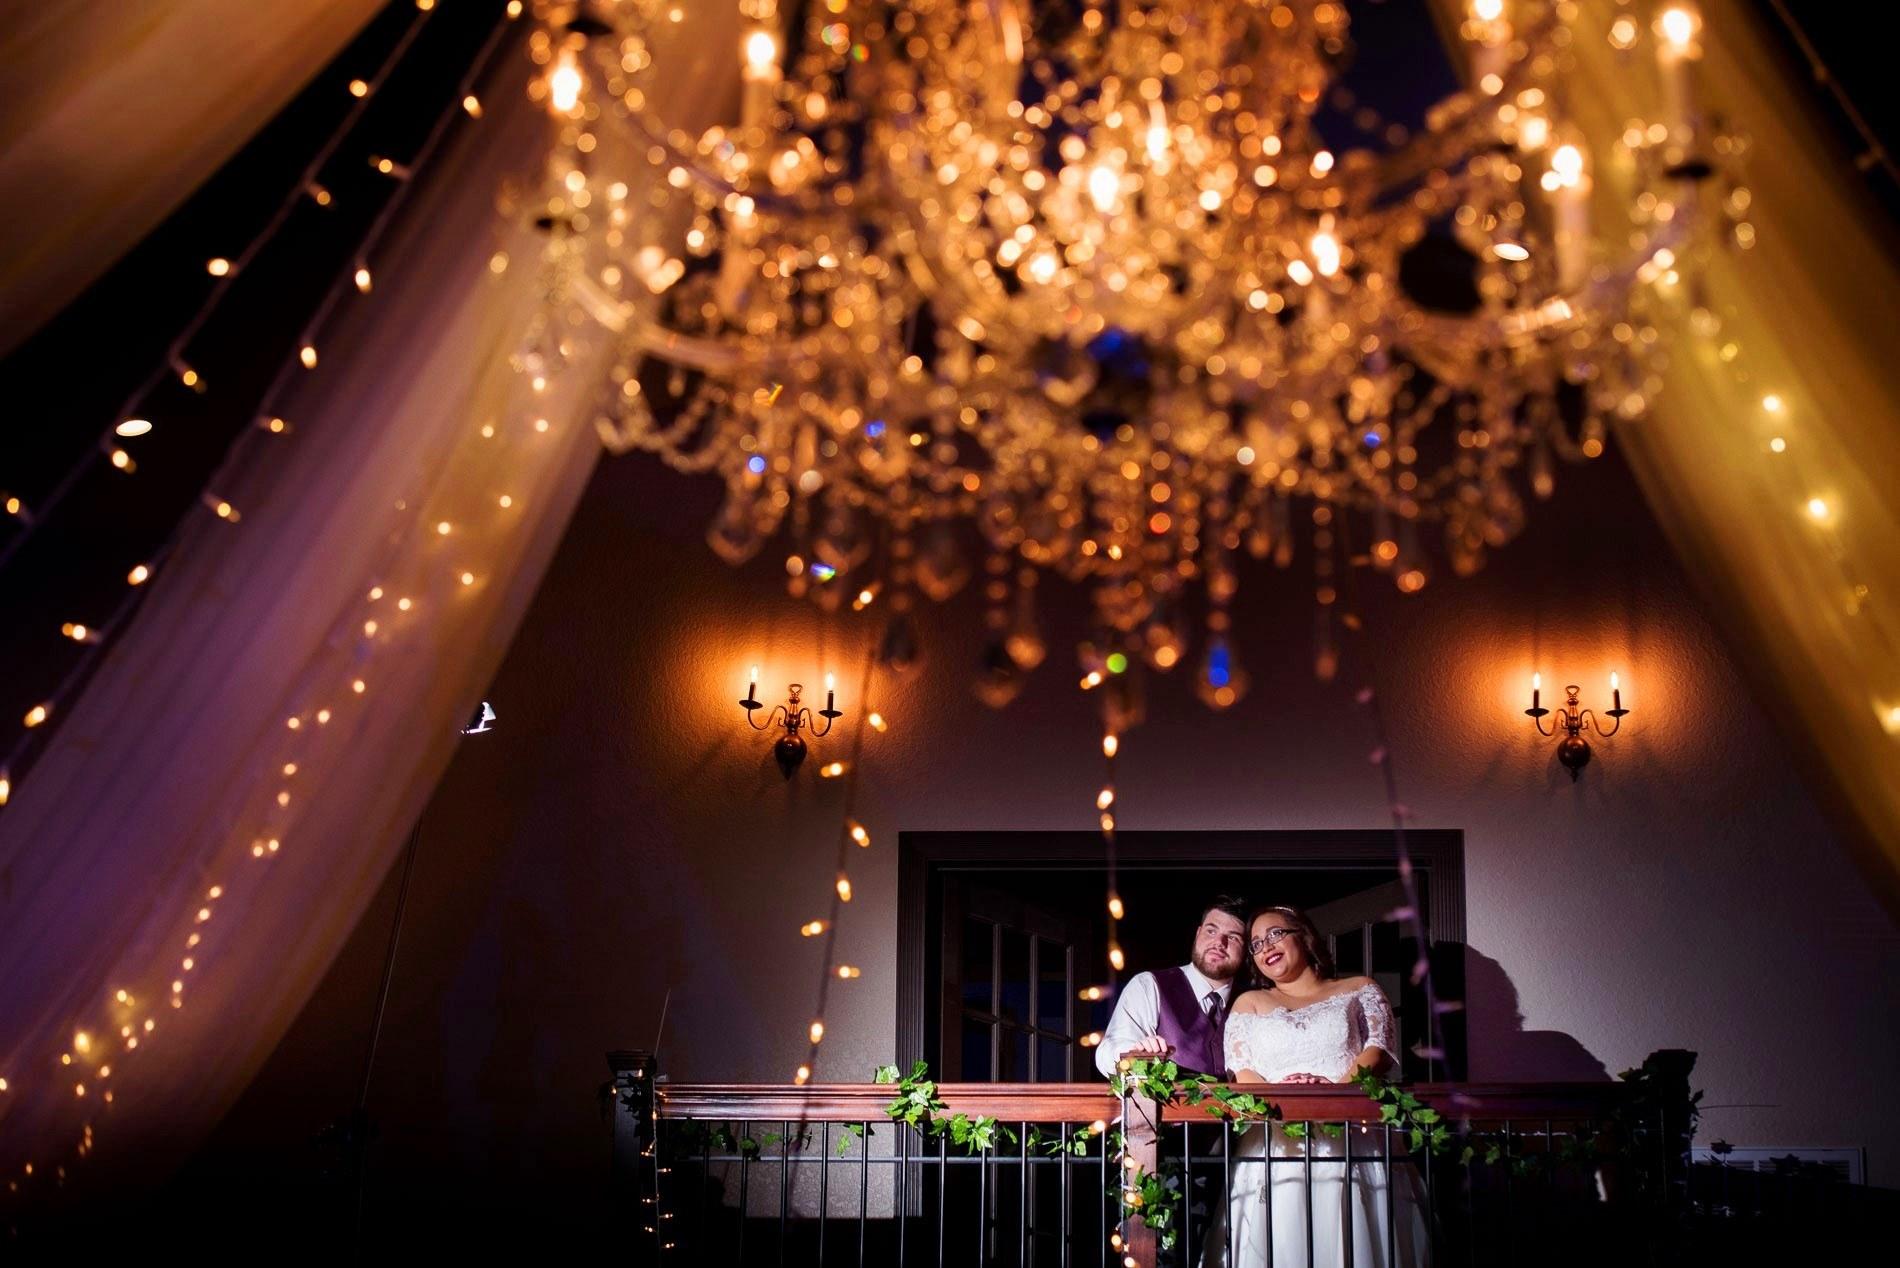 Bakers Ranch - Florida's All Inclusive venue- wedding venue - rustic- elegant (4).jpg